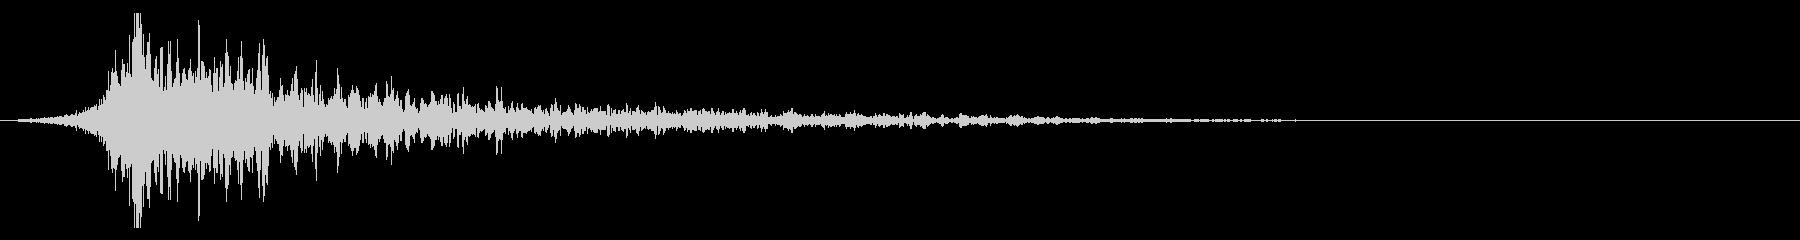 シュードーン-30-2(インパクト音)の未再生の波形